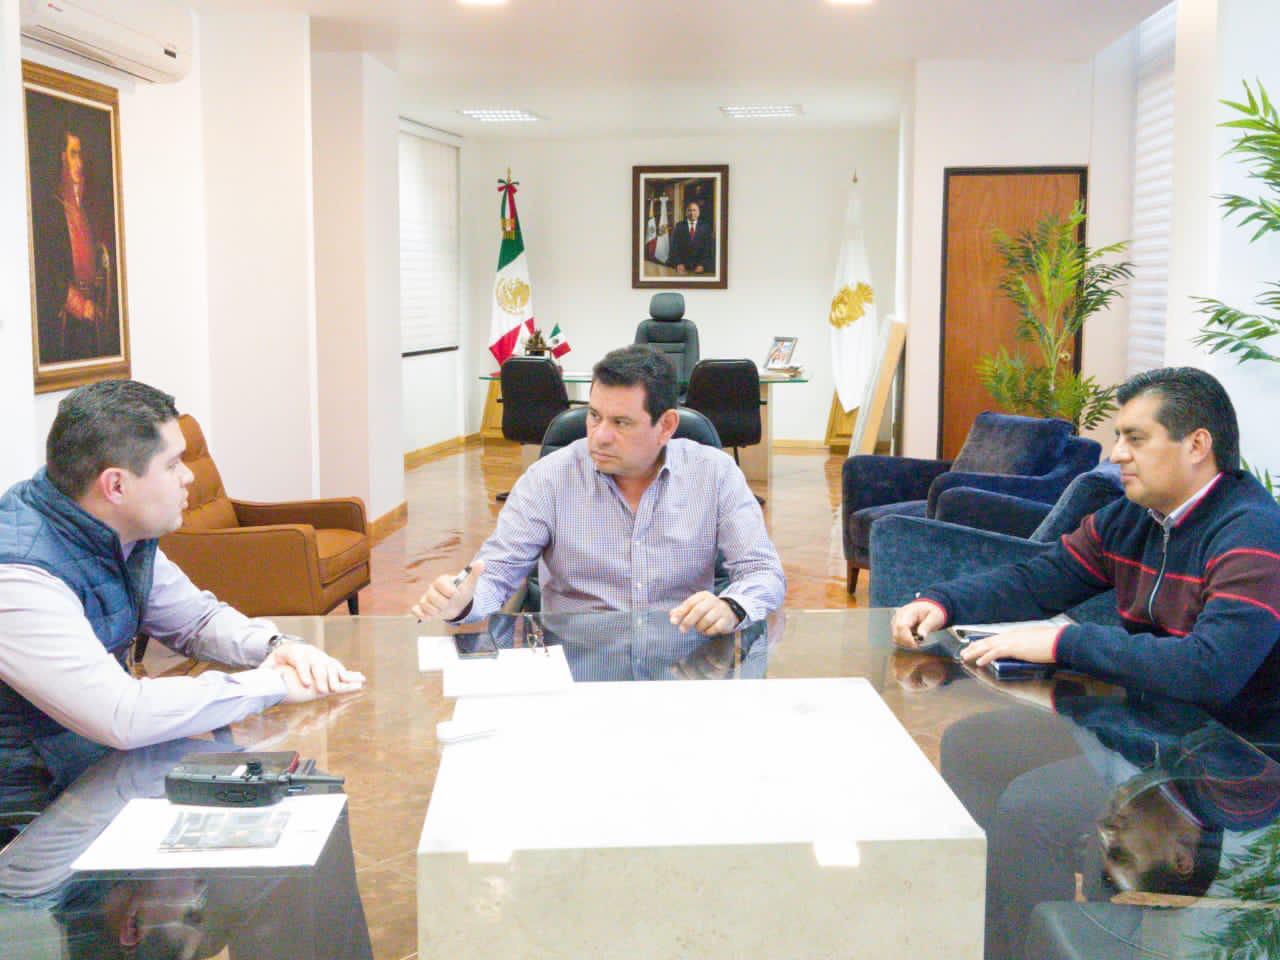 Tulio S. Pérez Calvo   sostuvo una reunión con el fiscal Jorge Zuriel de los Santos